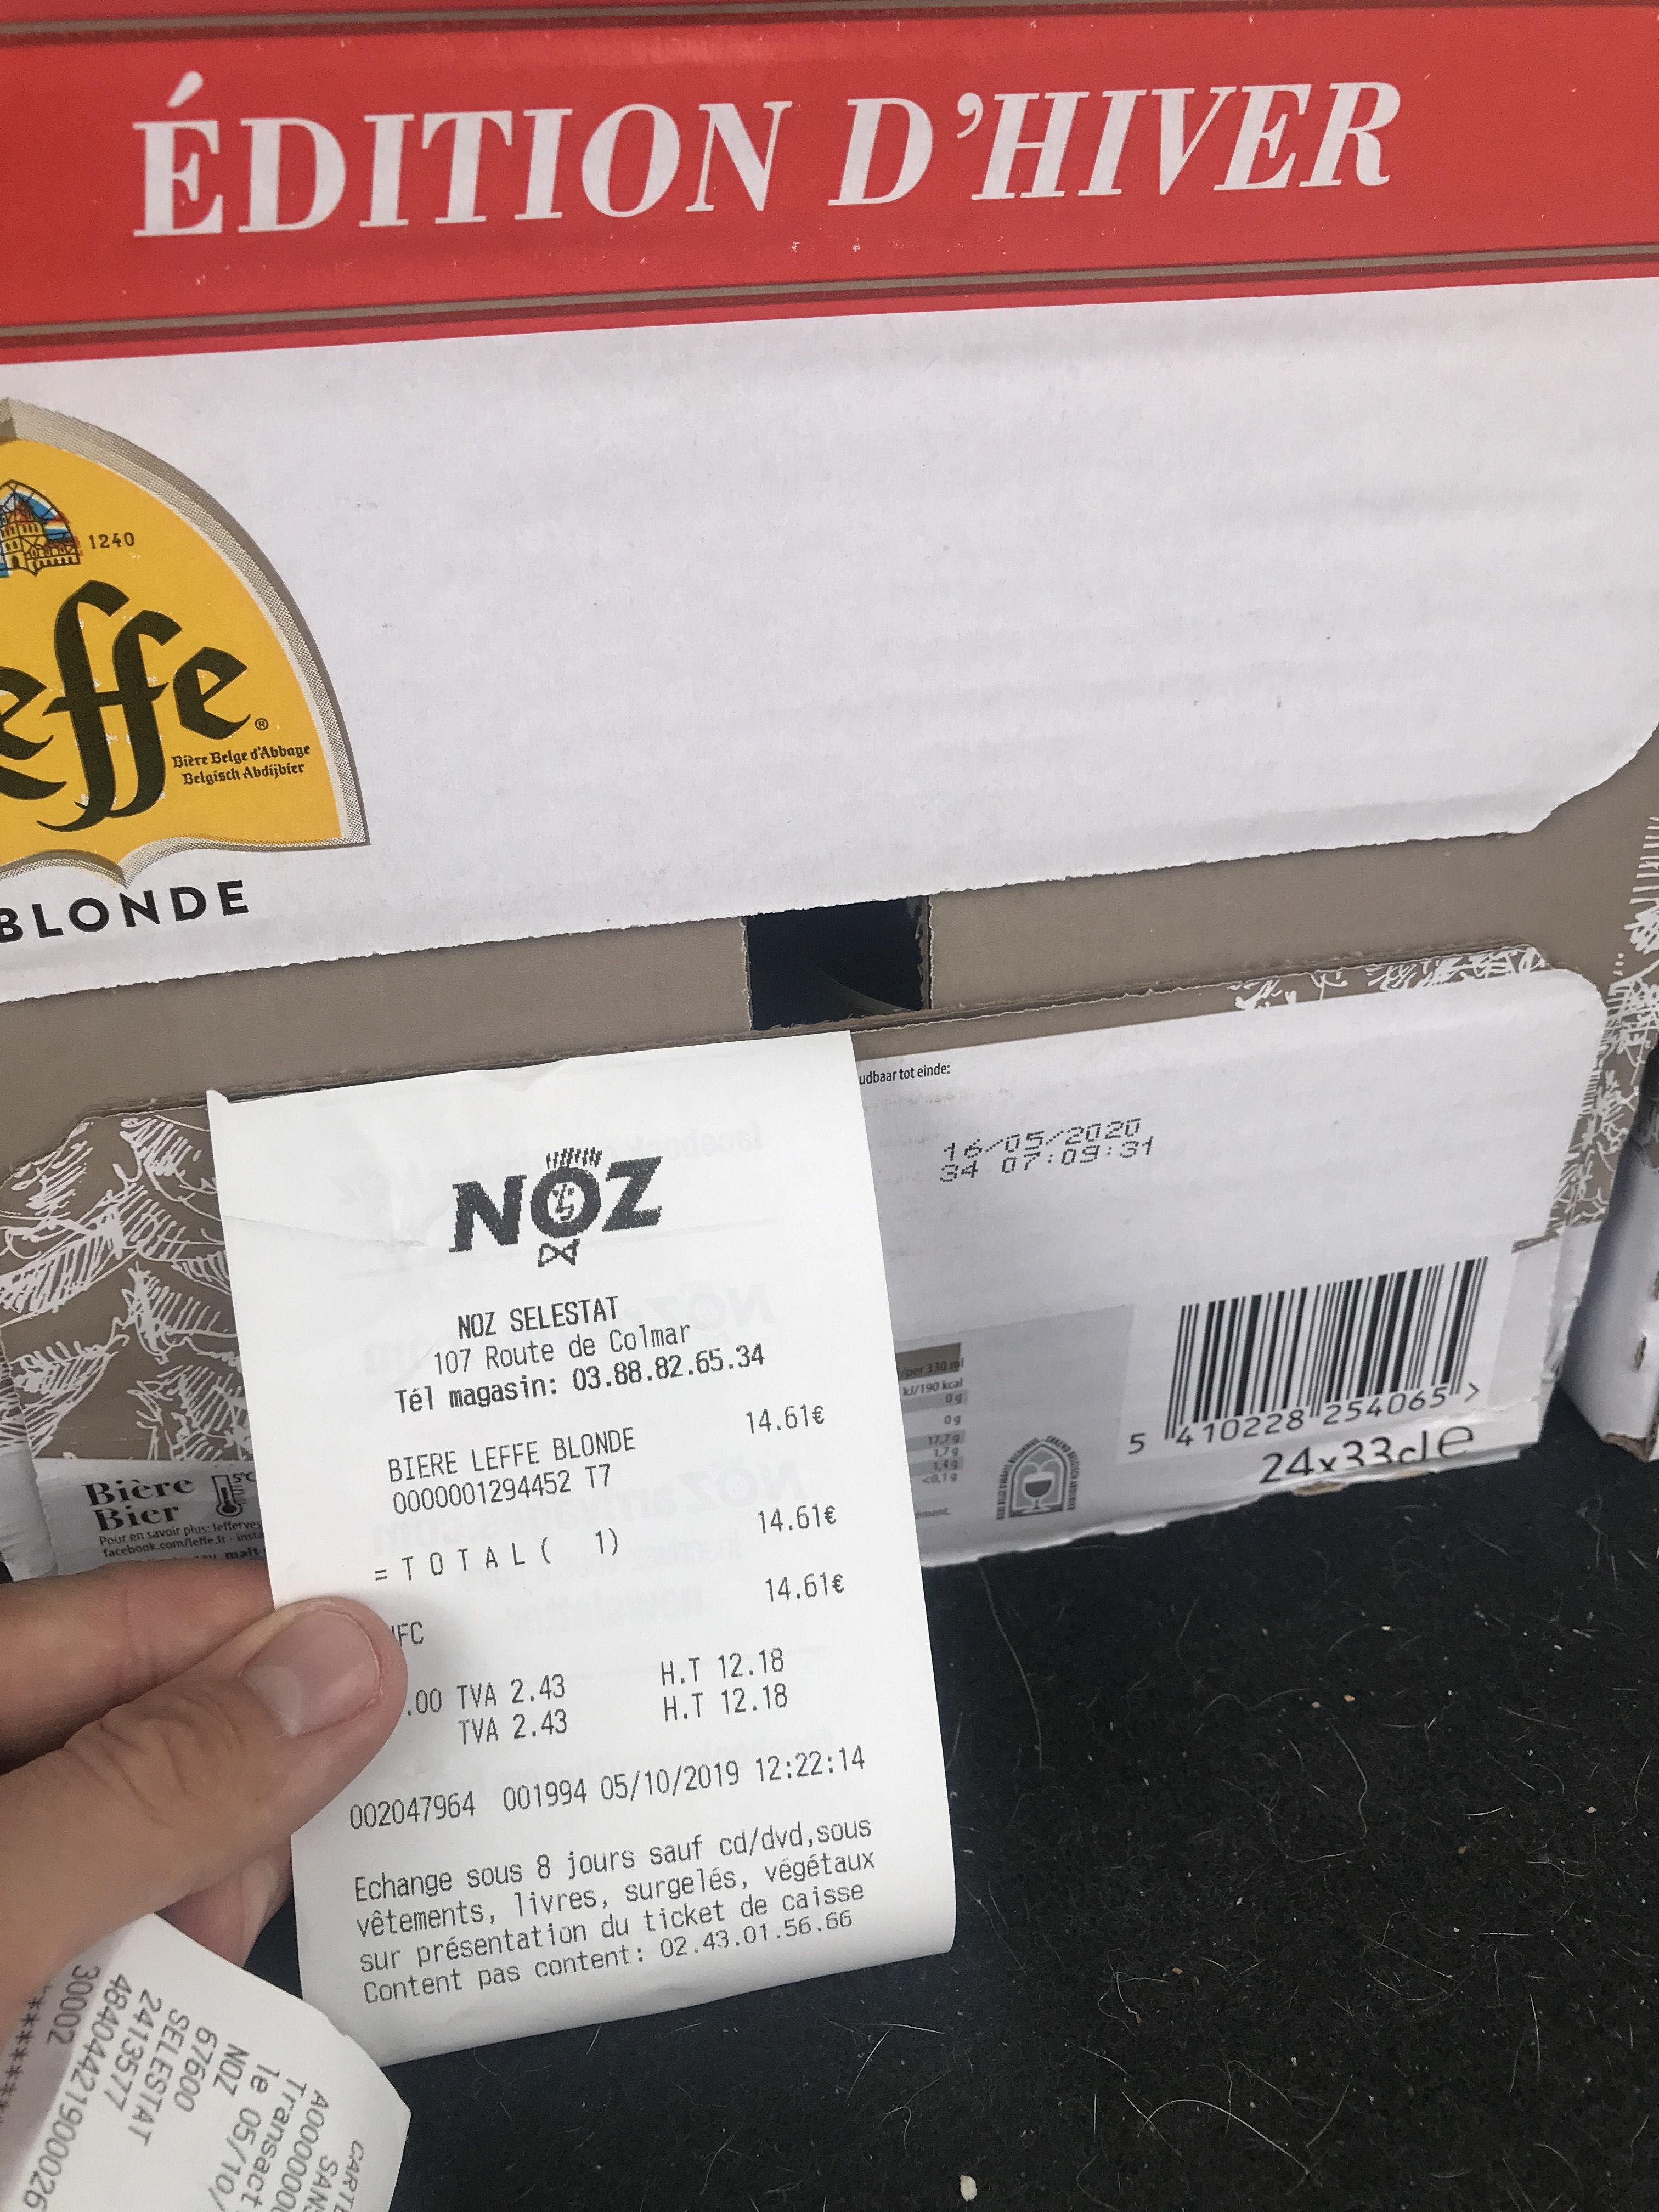 Pack de 24 Bière Leffe blonde Edition Hiver - 33cl - Sélestat (67)